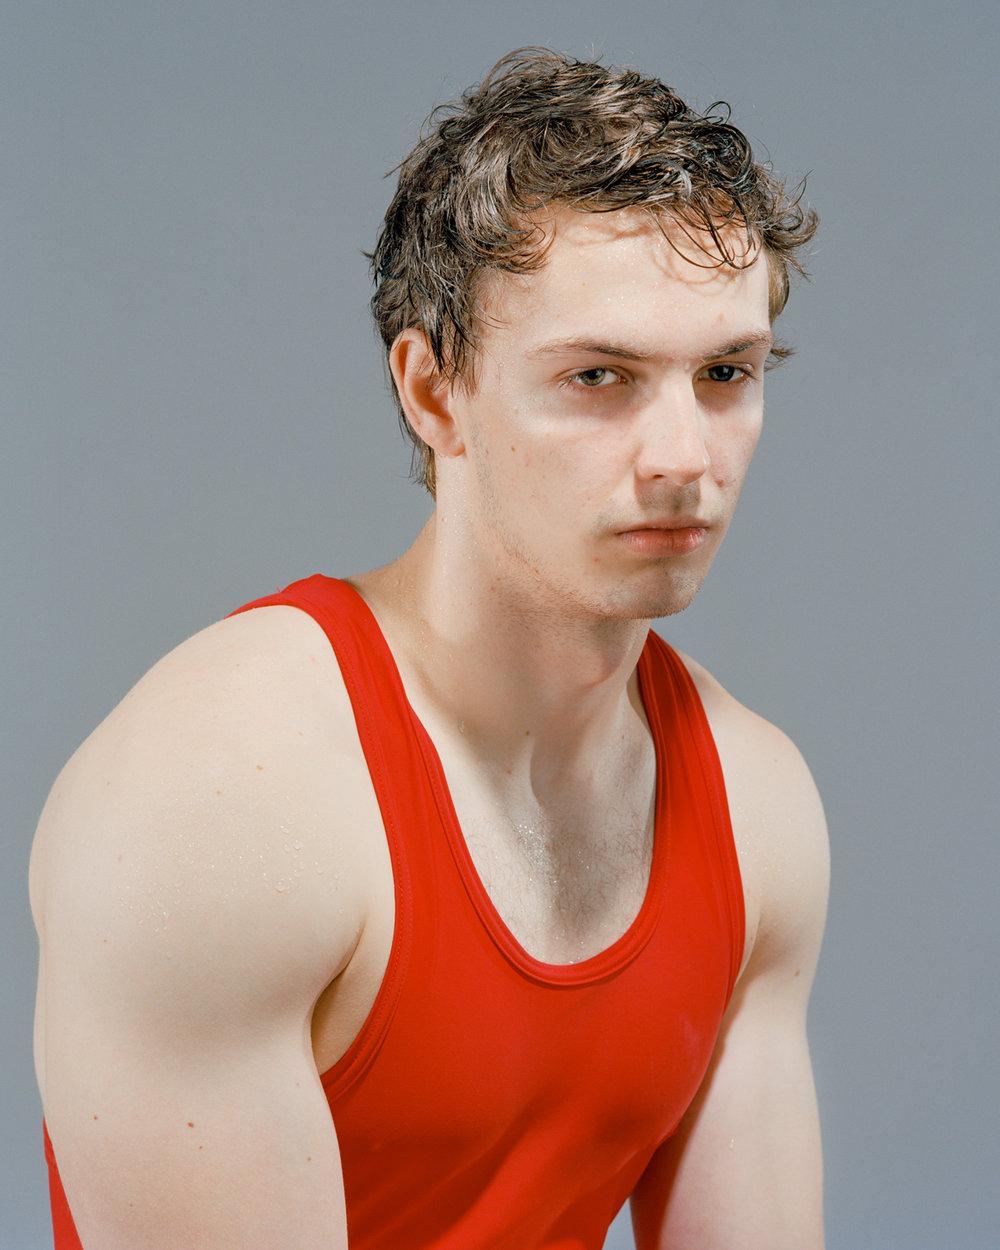 07 - Reed_The_Wrestler_Ben_McNutt_19.jpg